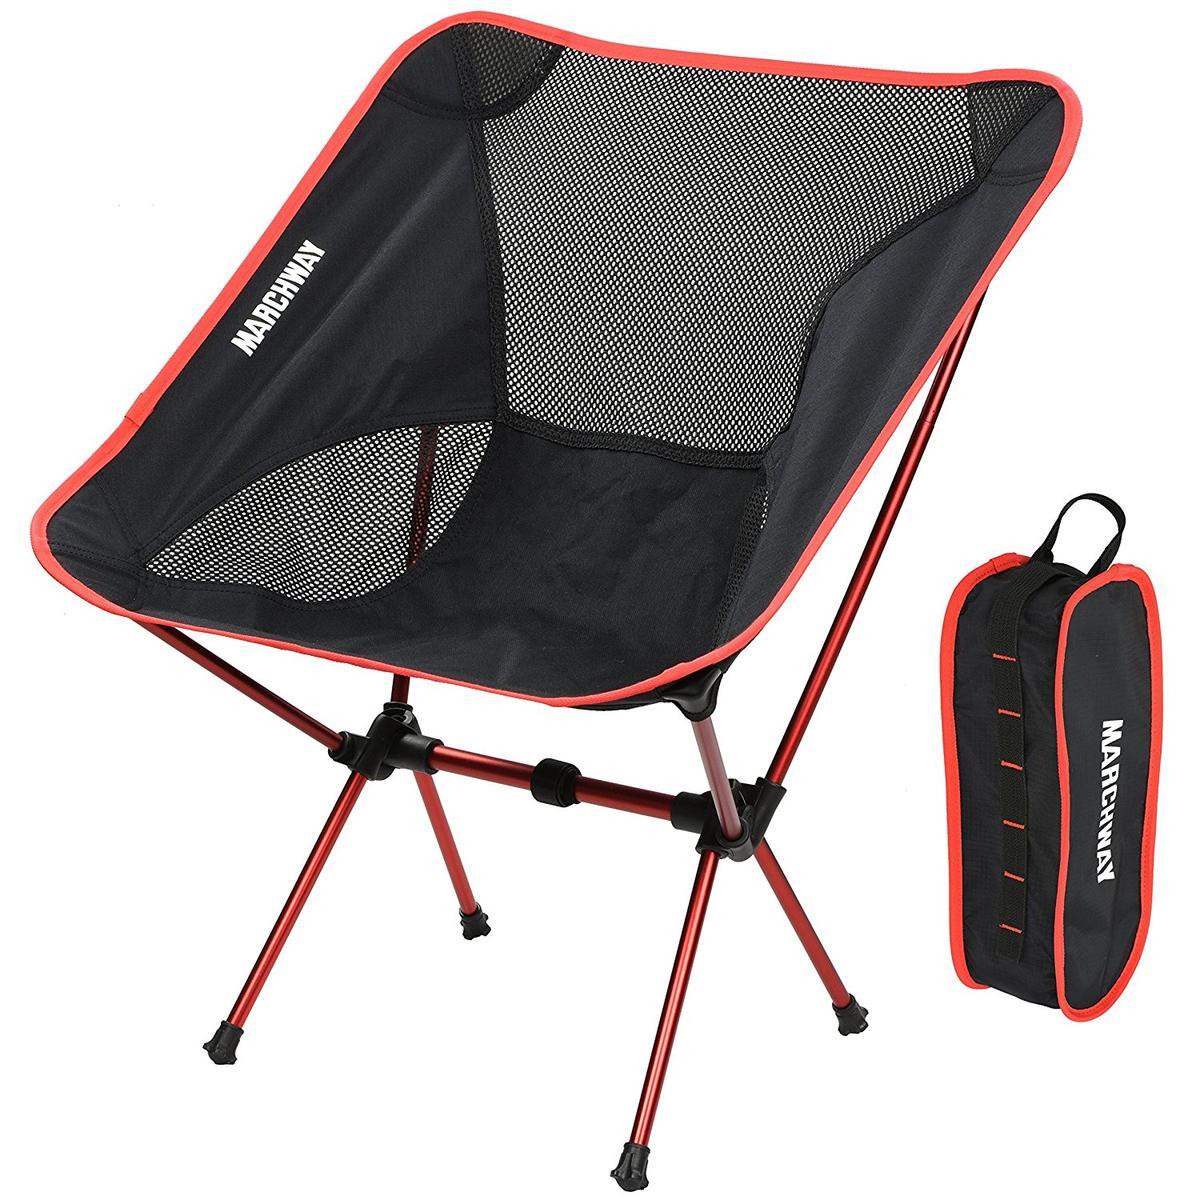 【オープニング 大放出セール】 アウトドア キャンプ 椅子 椅子 赤 軽い 折りたたみ 軽い 海外 MARCHWAY キャンプ グッズ, アイショップキラリ:642db537 --- supercanaltv.zonalivresh.dominiotemporario.com